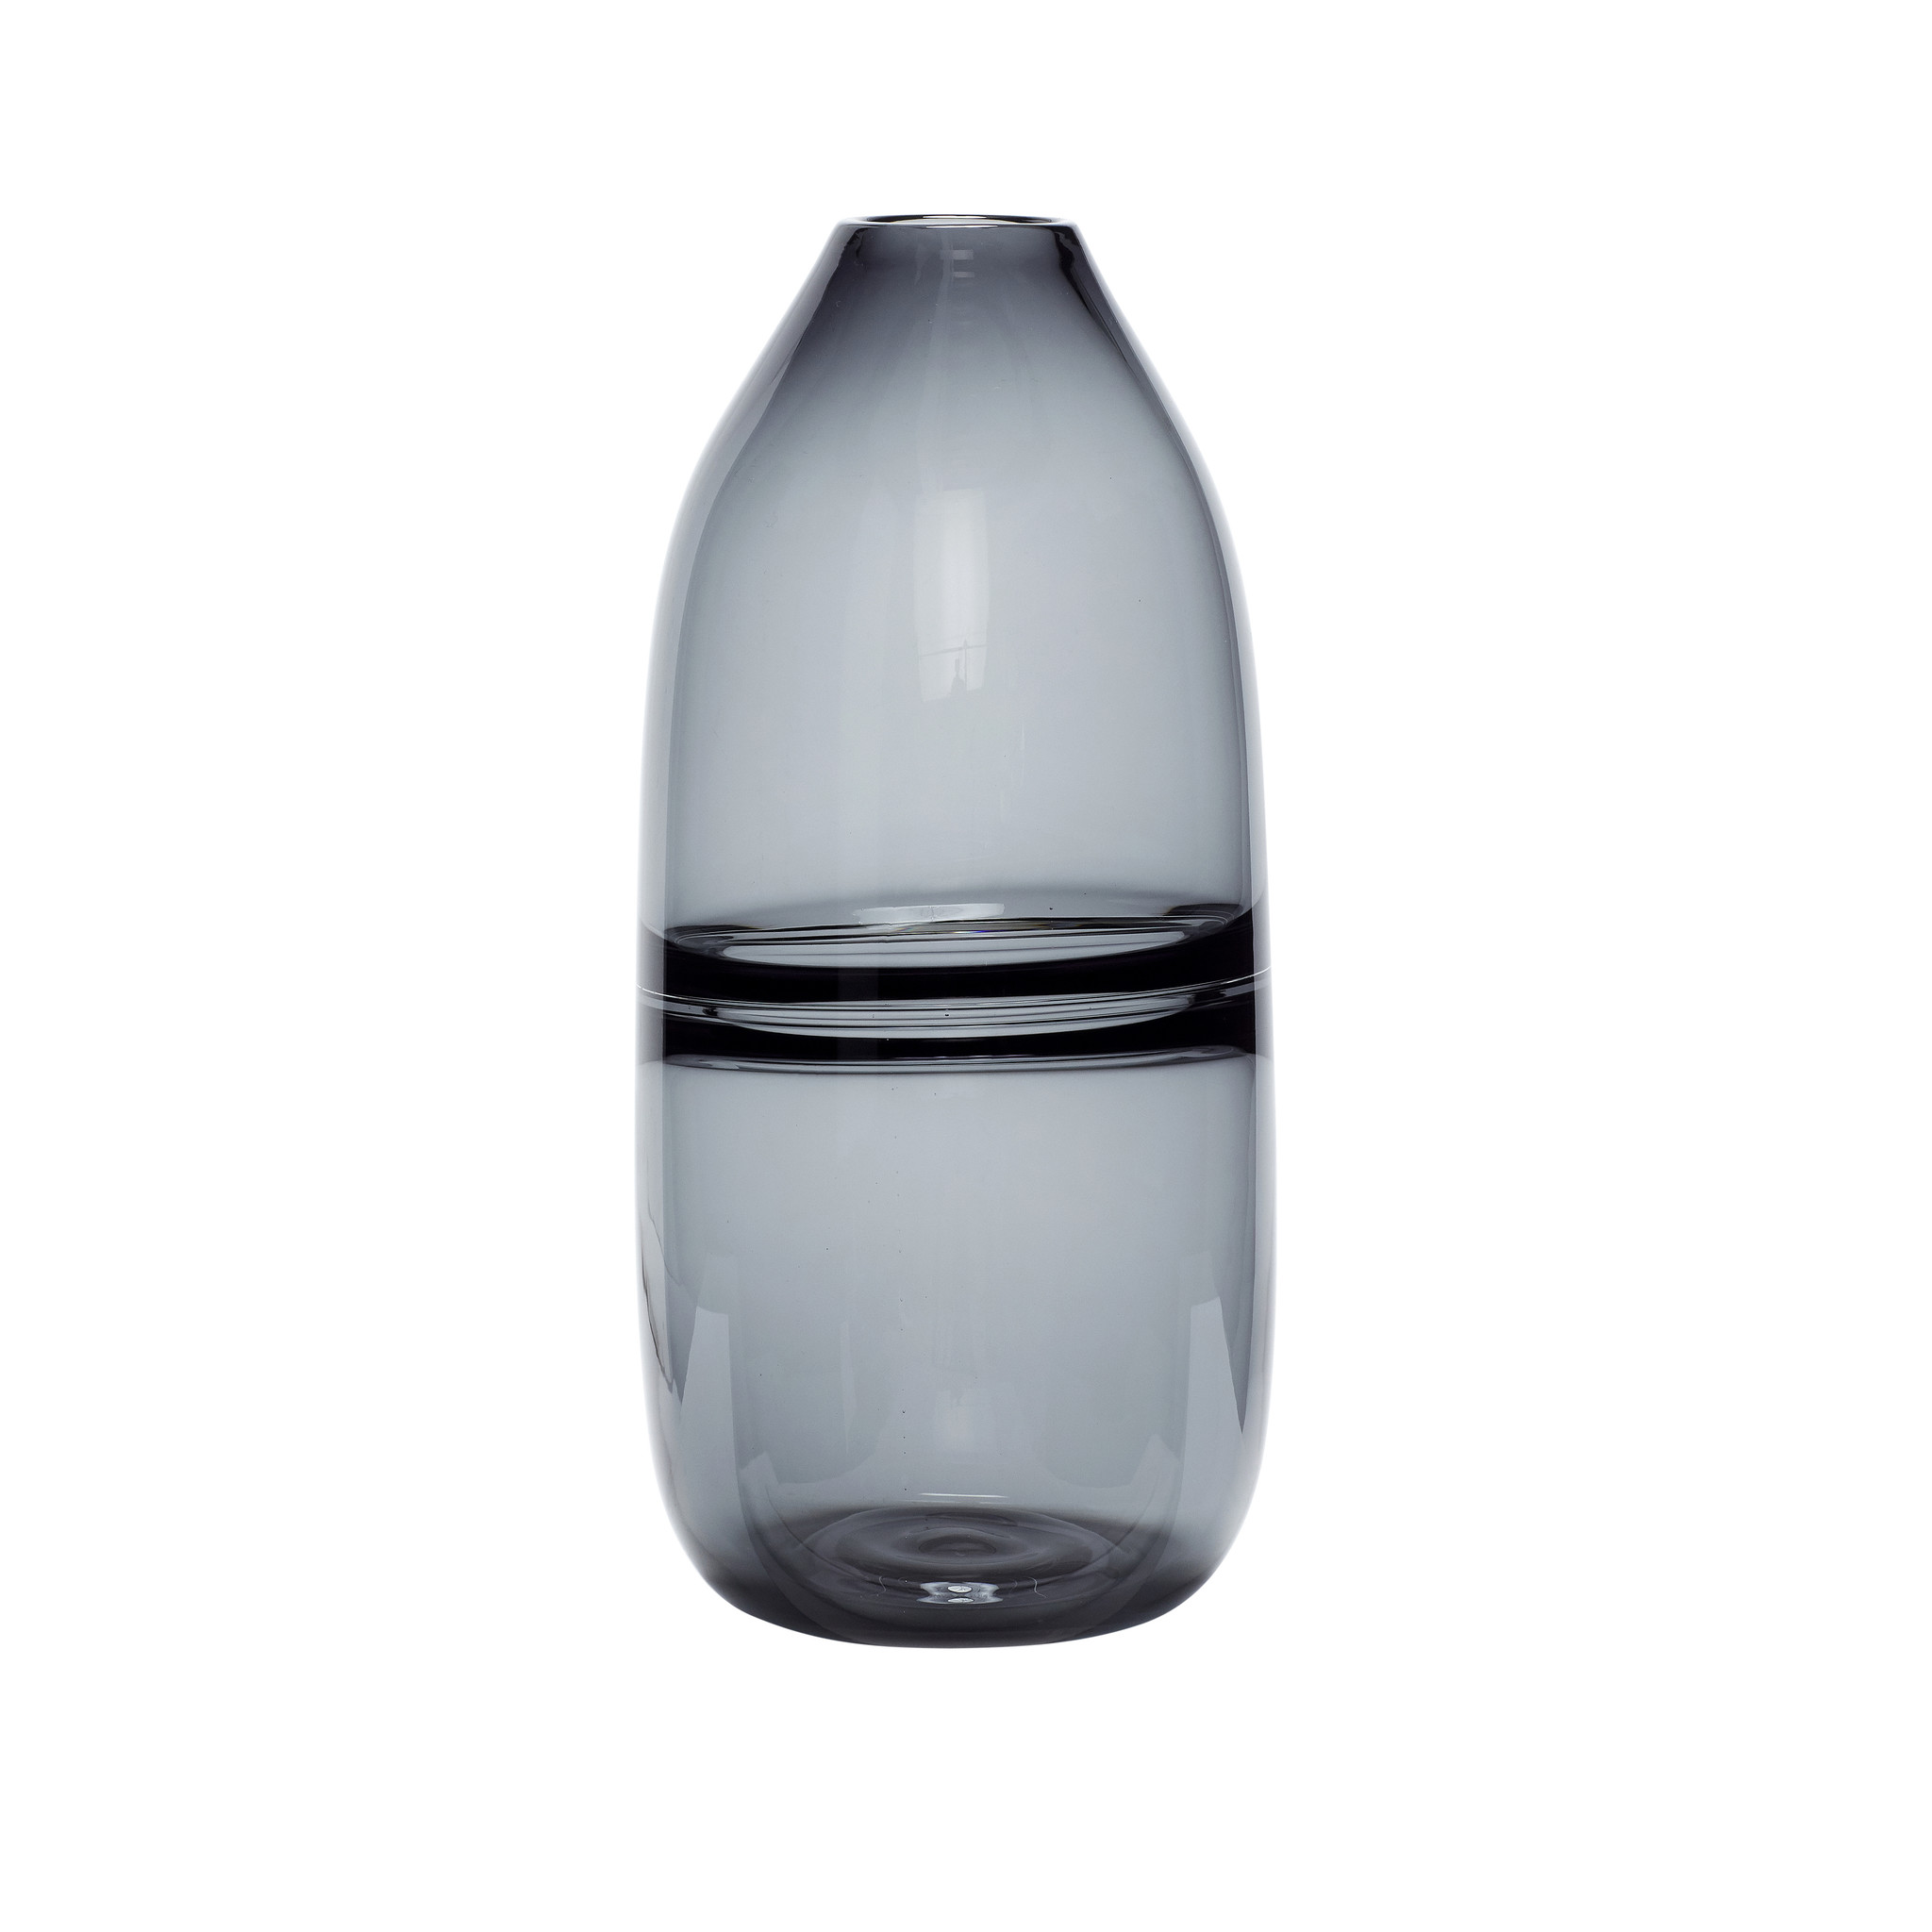 Hubsch Vaas, glas, grijs